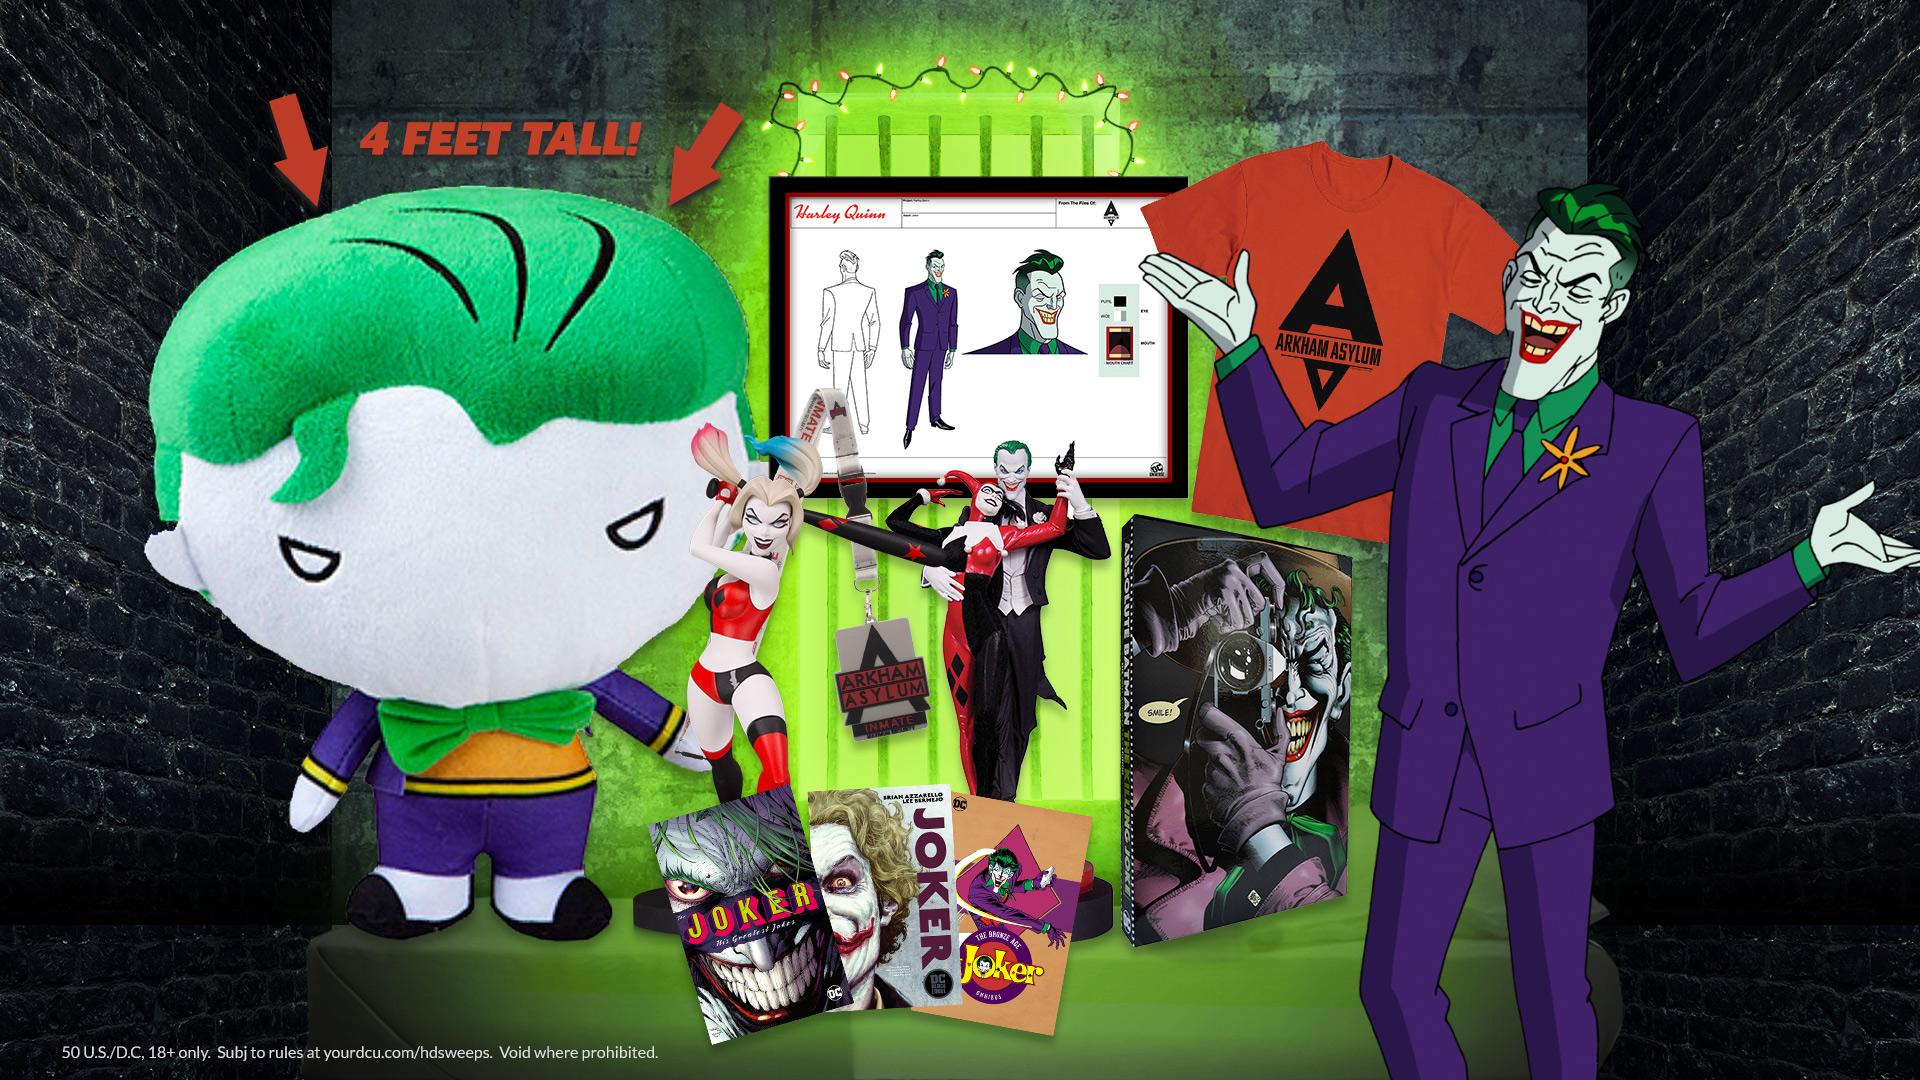 joker-hero-c2.jpg